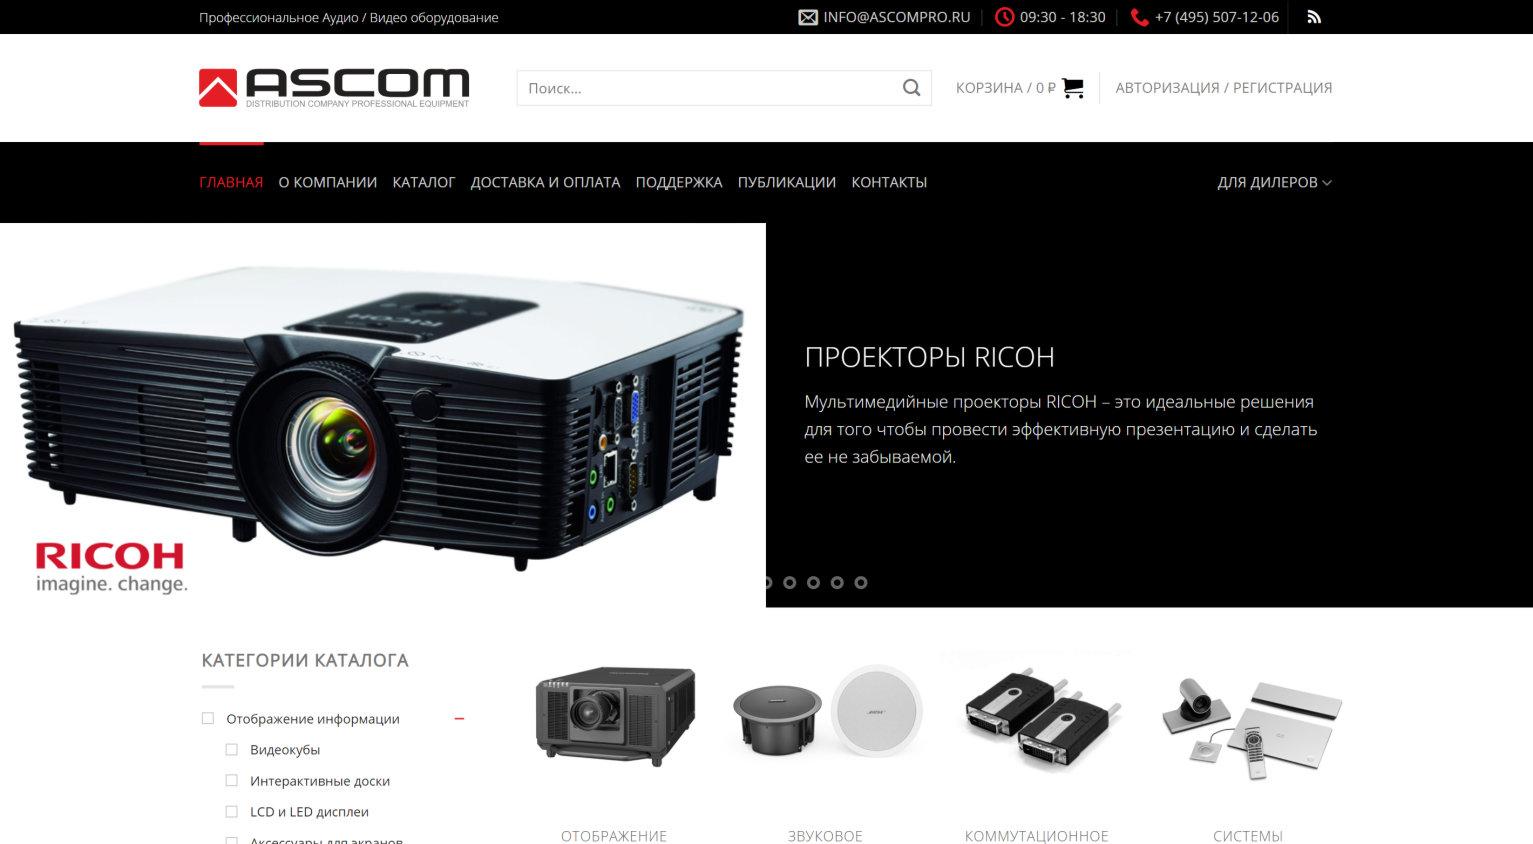 Разработка сайта для компании Ascom